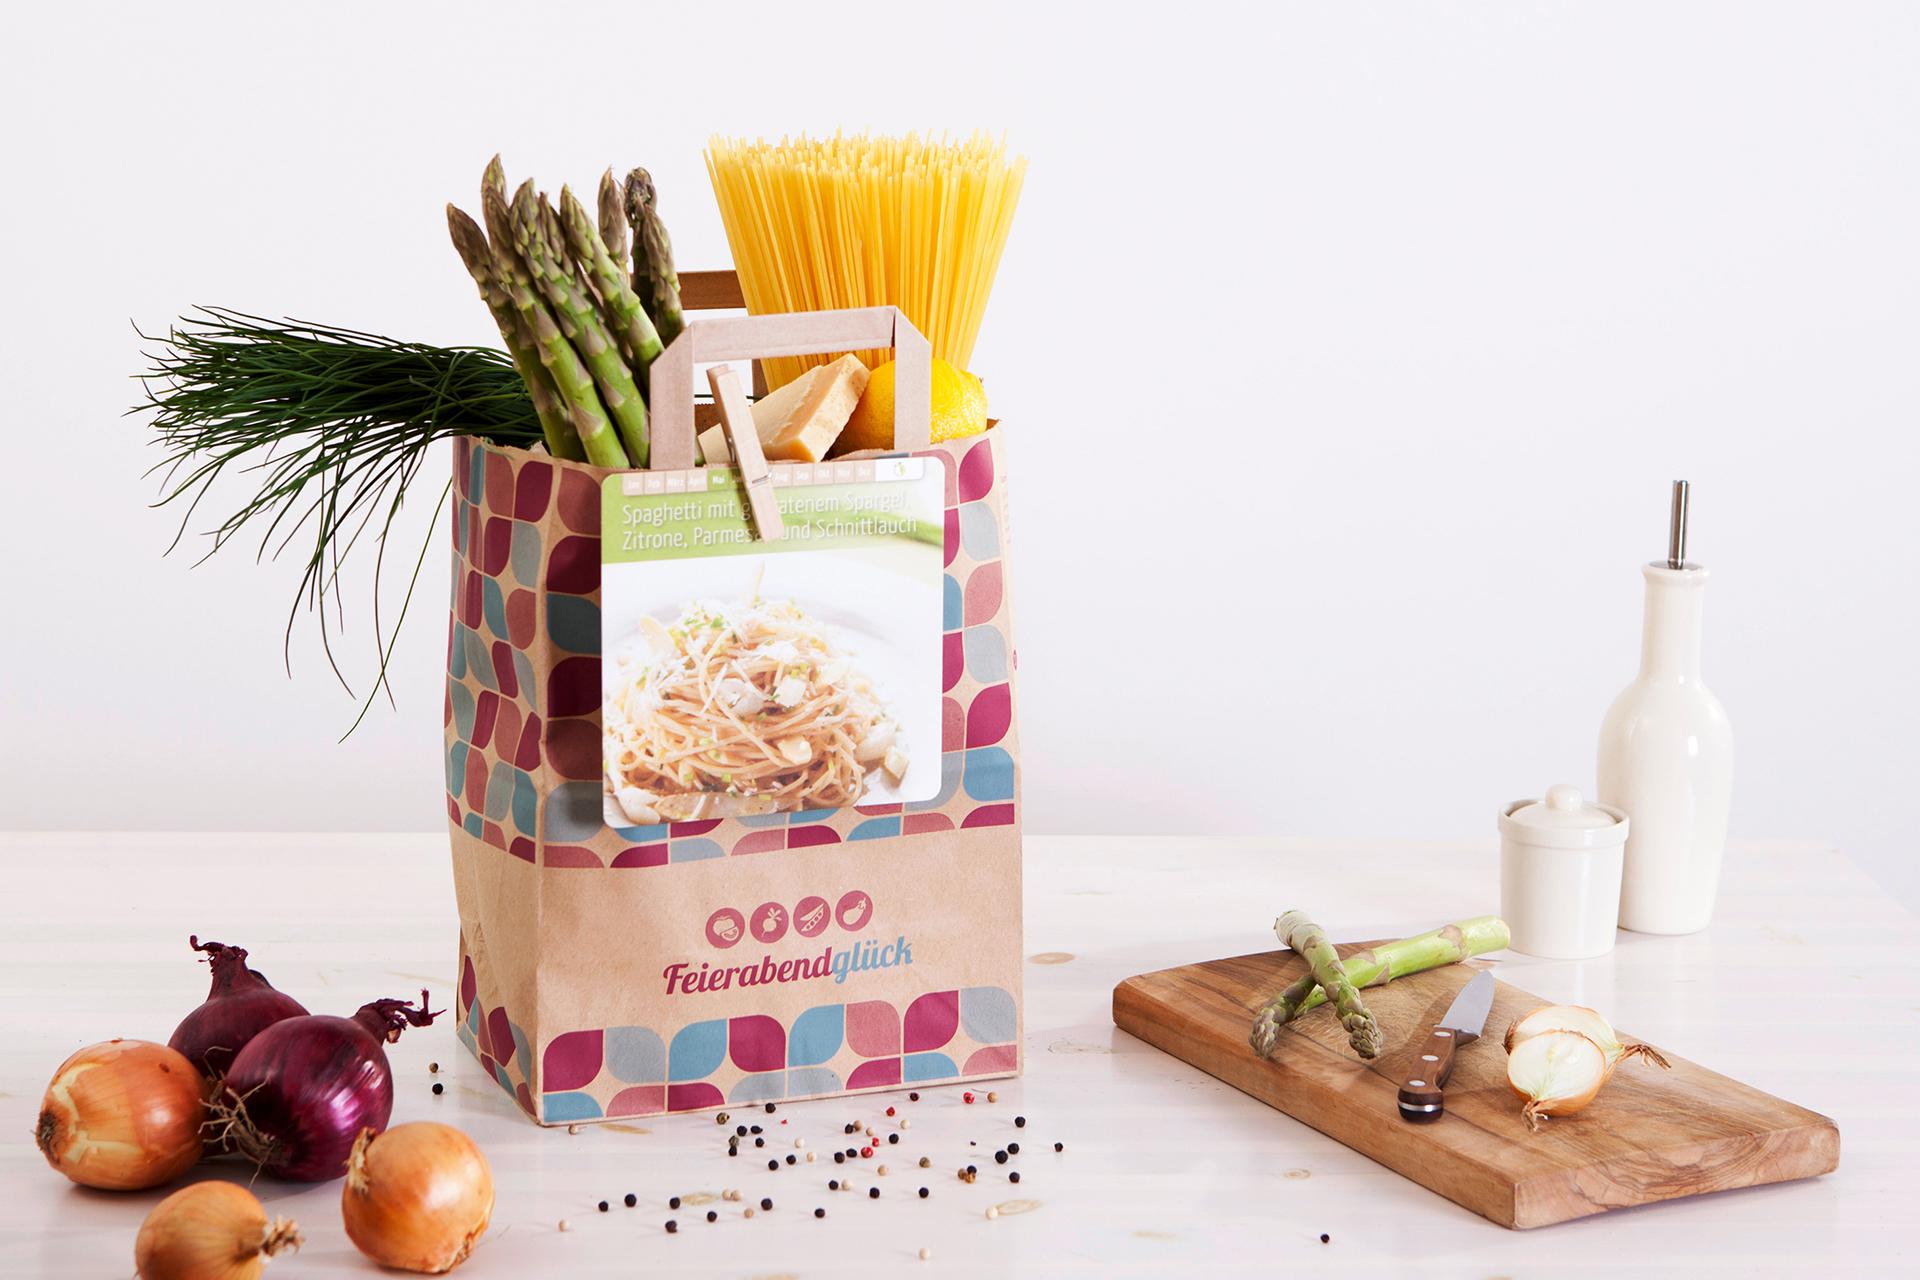 Feierabendtüte für Spaghetti mit gebratenem Spargel, Zitrone, Parmesan und Schnittlauch